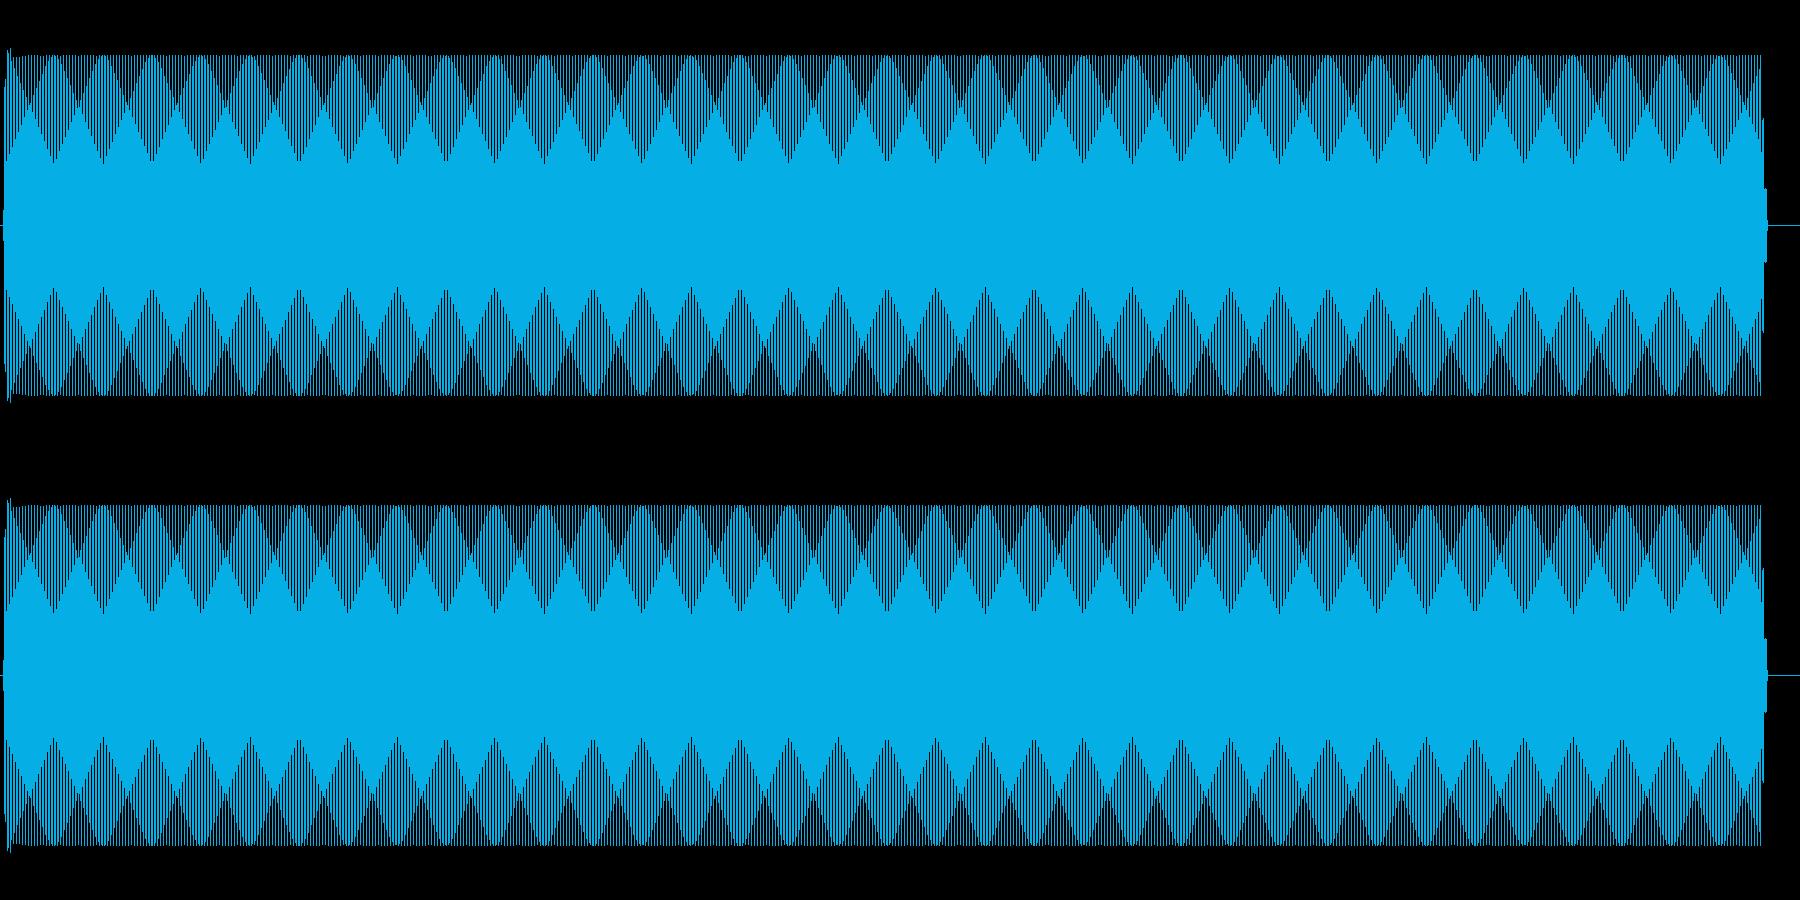 ジー(アンプから出るノイズ音)の再生済みの波形